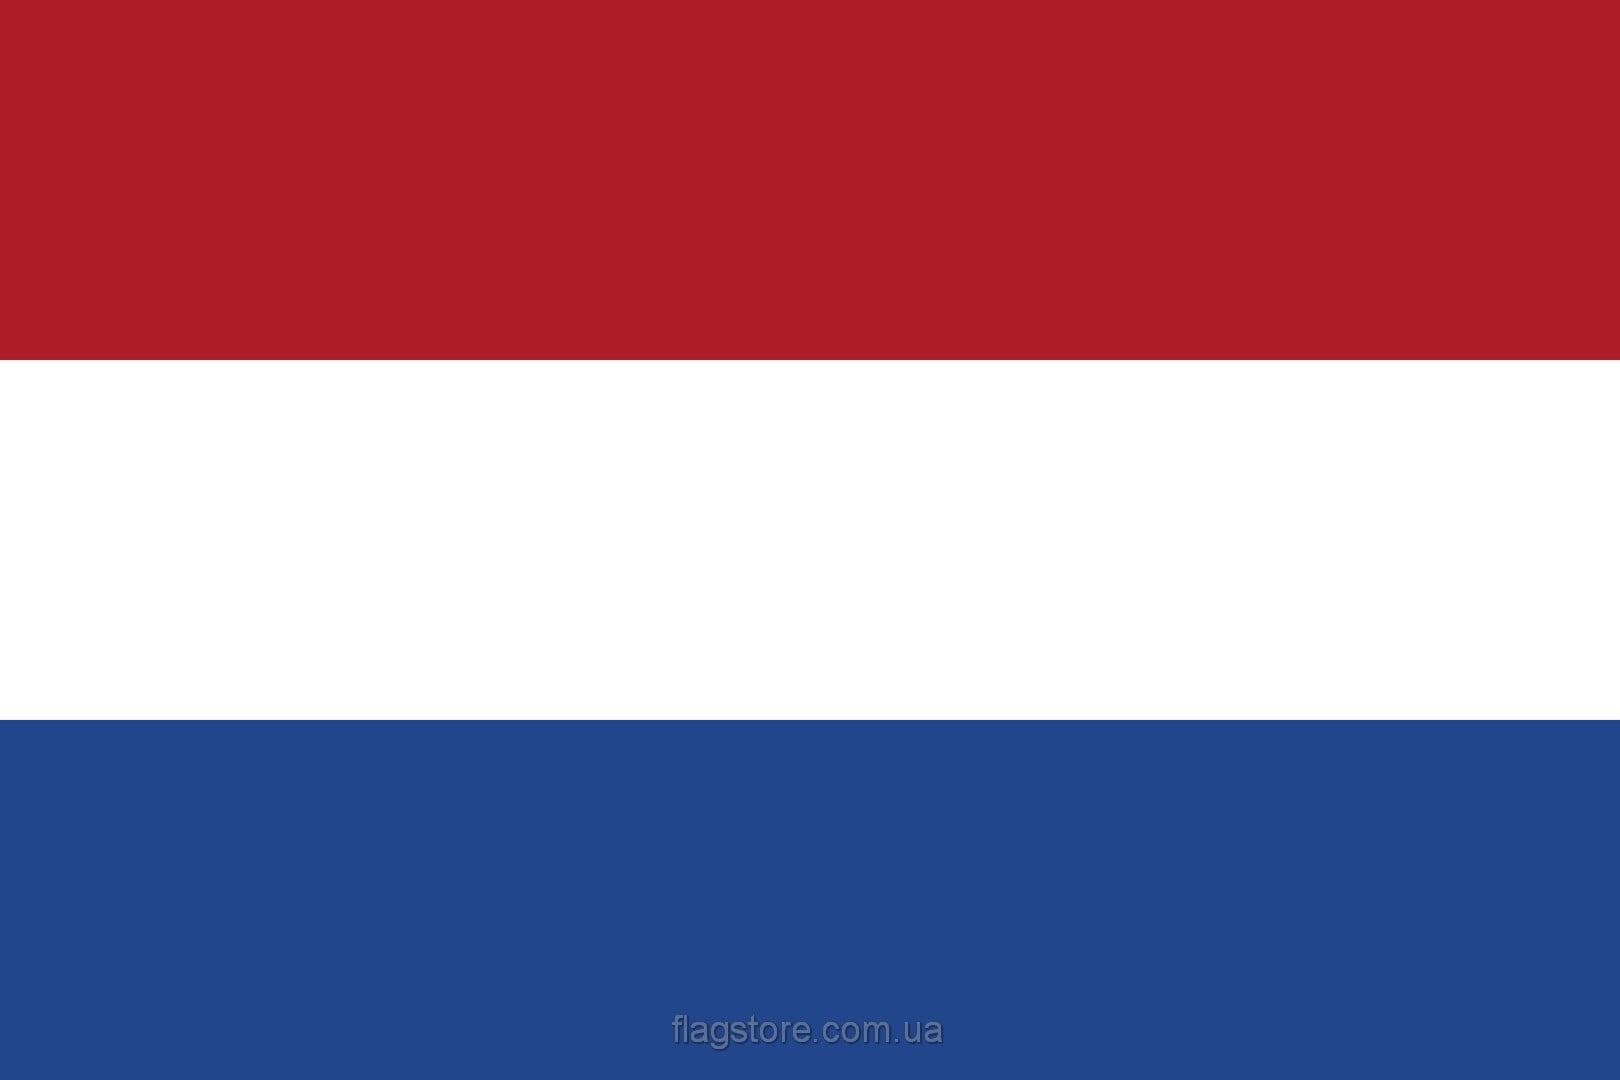 Купить флаг Нидерландов (страны Королевство Нидерланды)